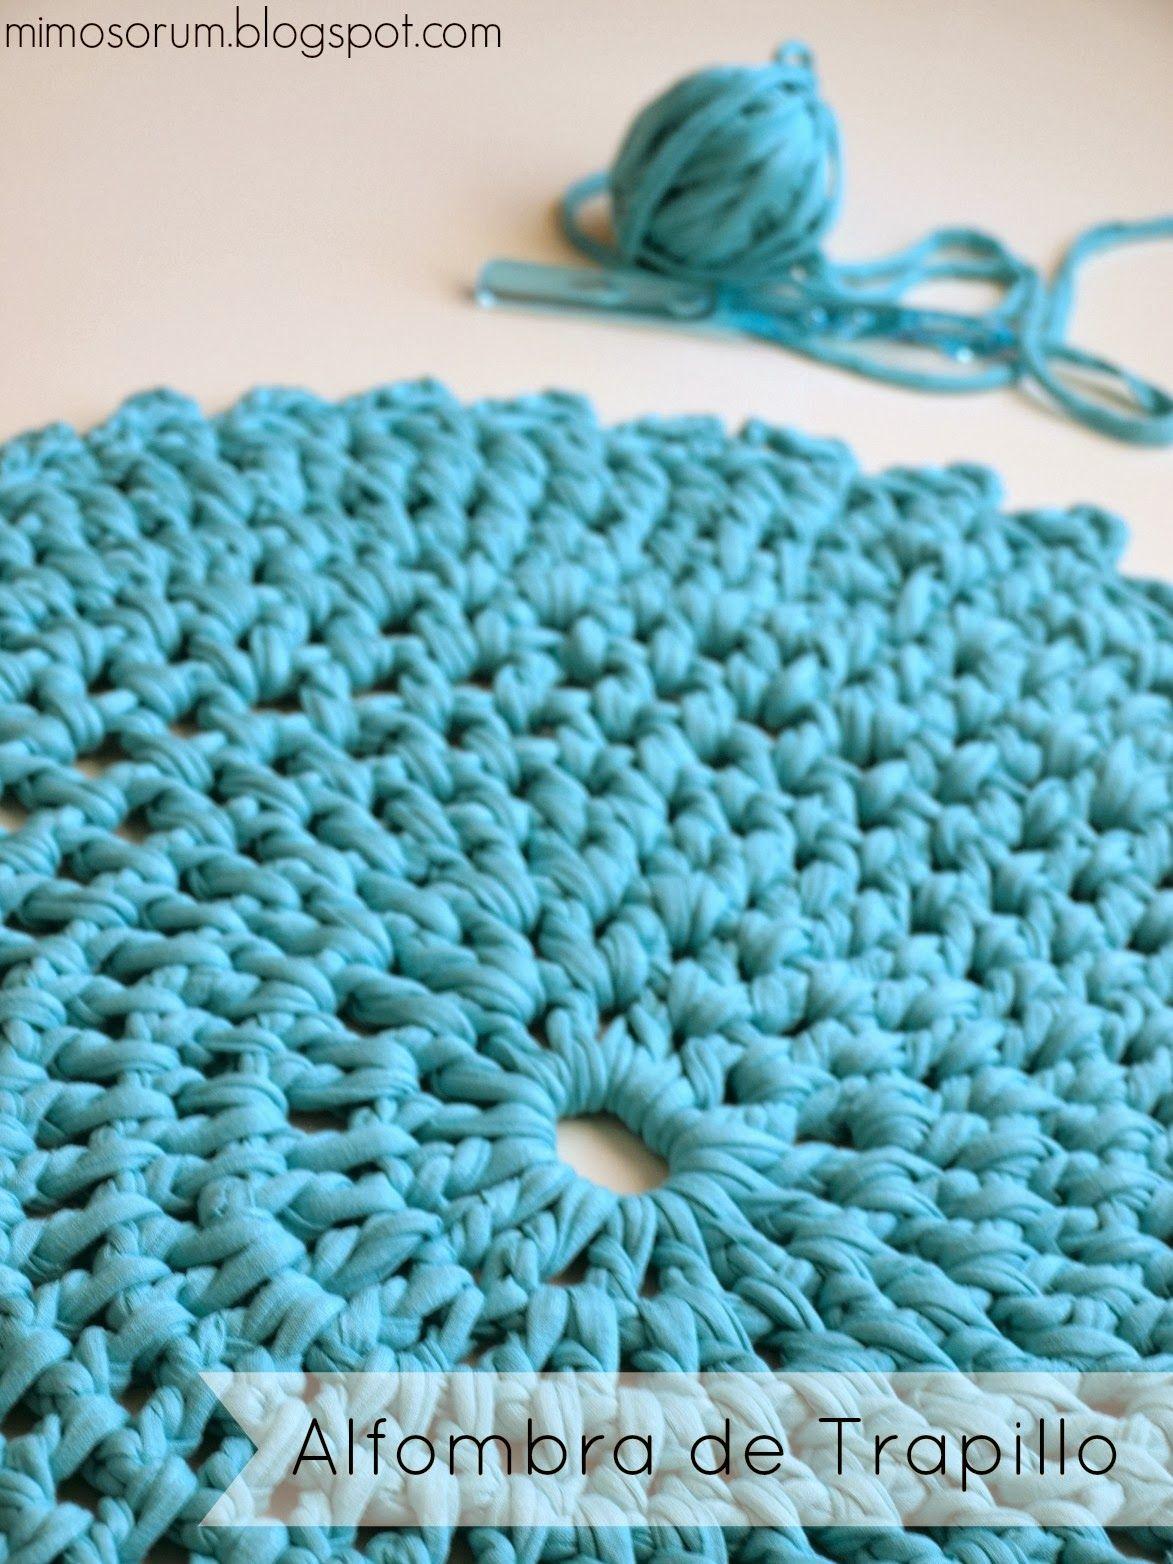 Cómo hacer una alfombra de trapillo fácilmente. Diy: handmade carpet- Easy project- T-shirt.